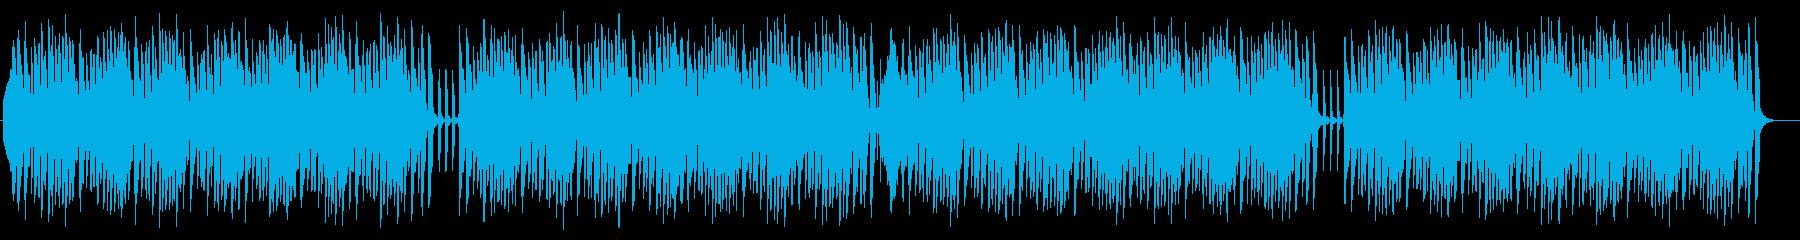 ギターとストリングスのお洒落なBGMの再生済みの波形